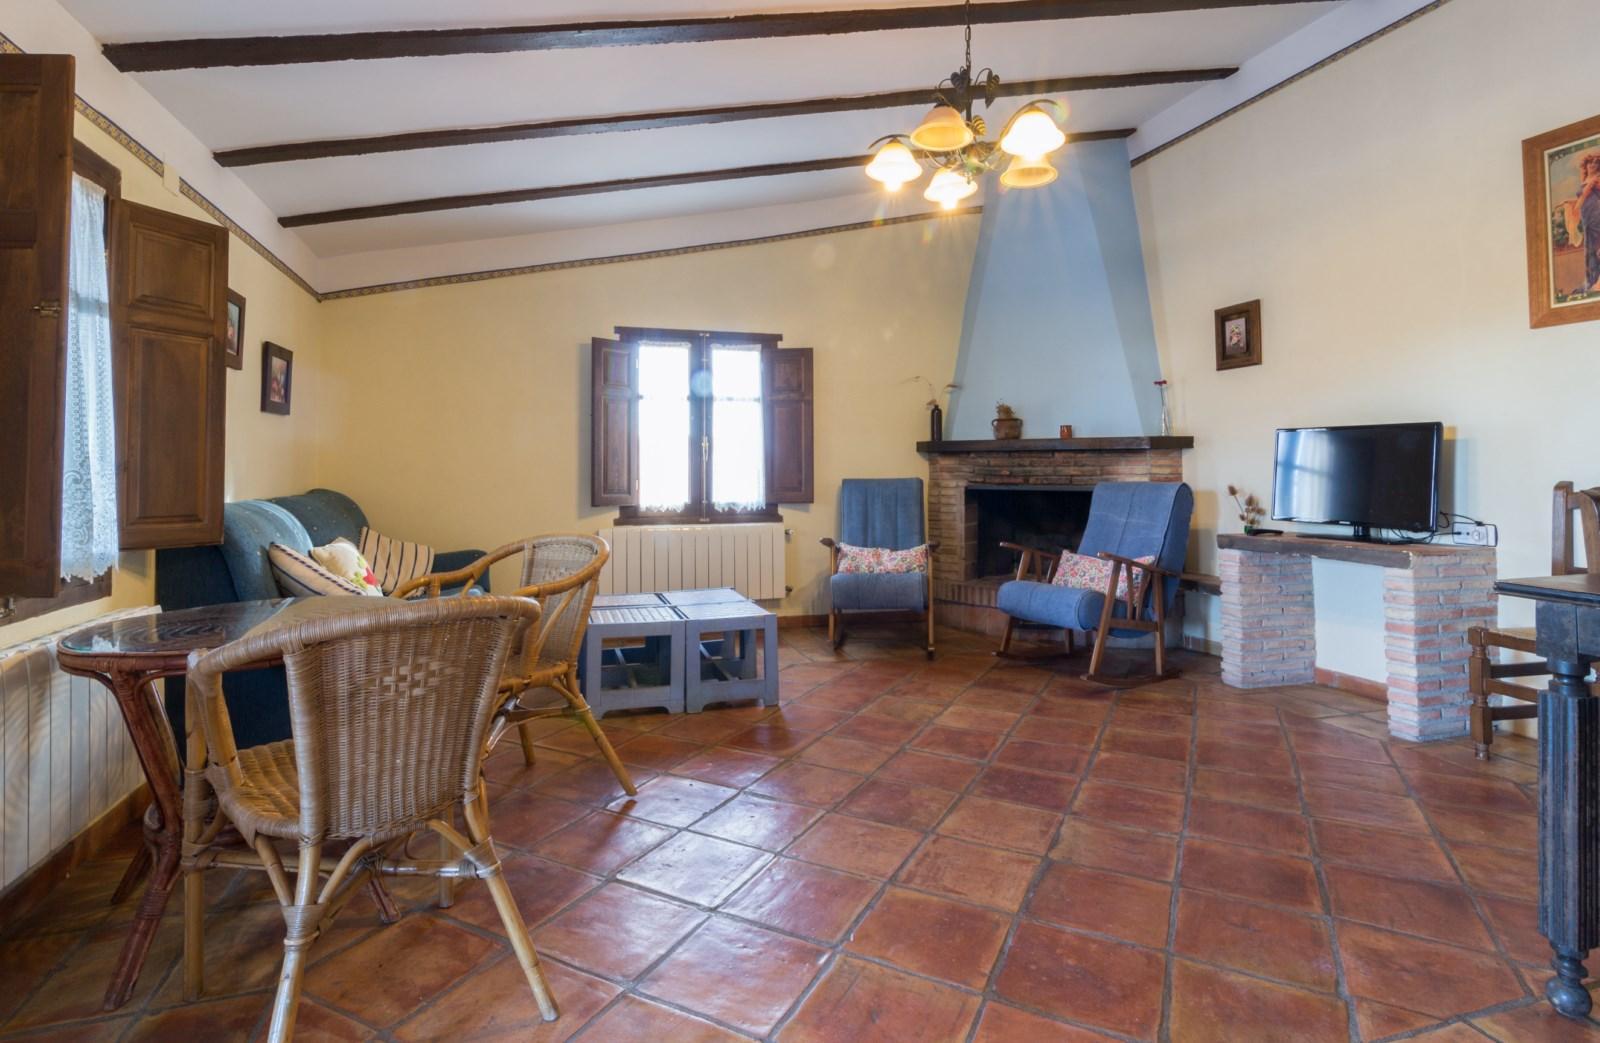 Alquiler vacaciones en Noguericas, Murcia